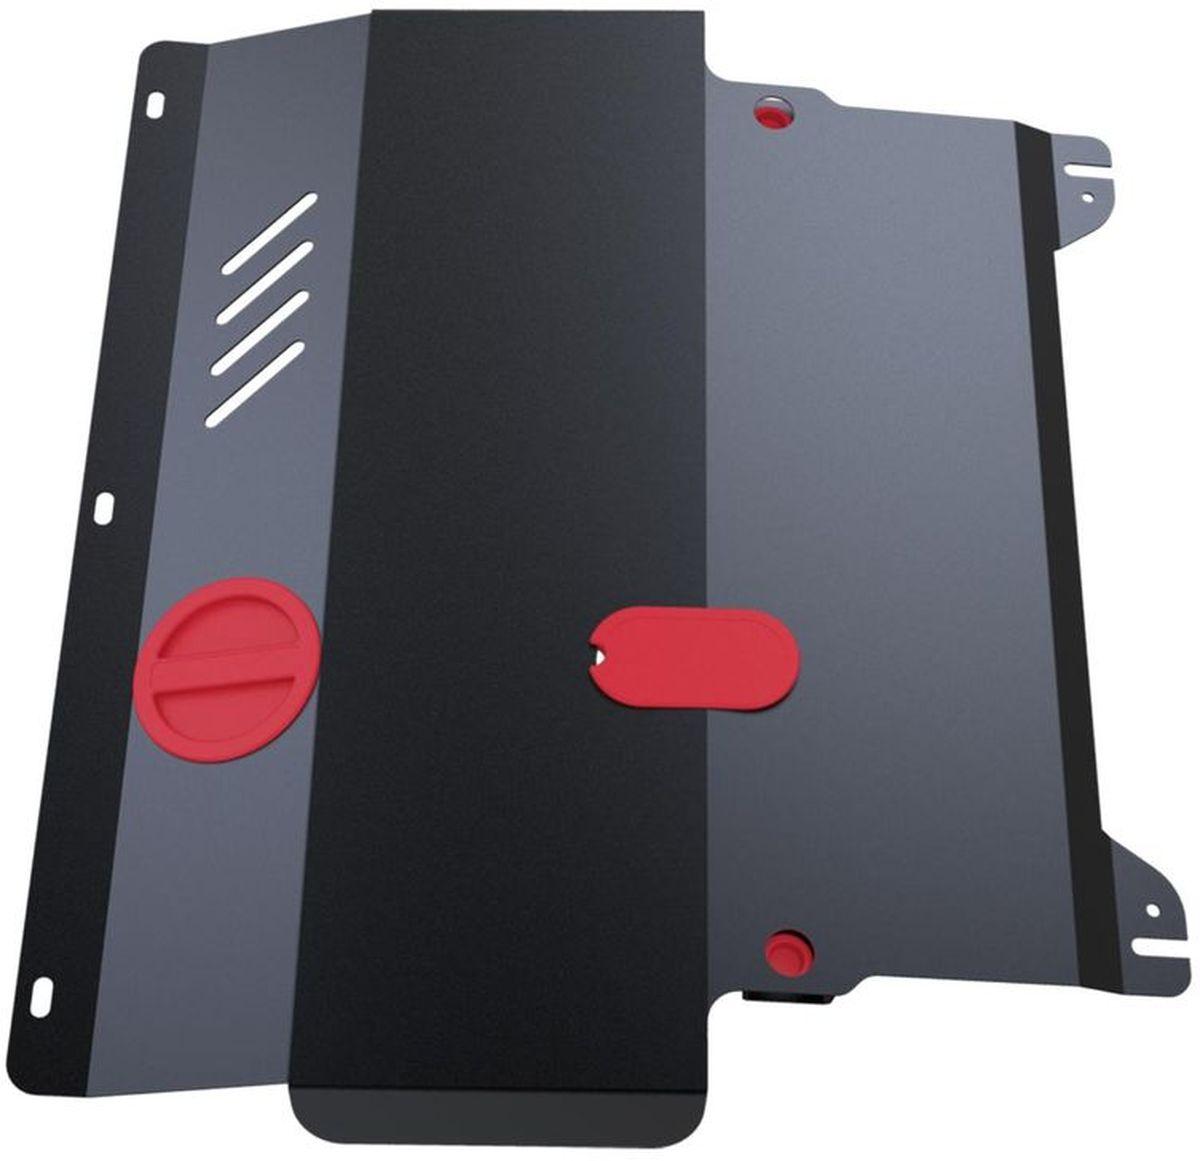 Защита картера и КПП Автоброня Nissan Quashqai 2006-2014/Renault Koleos 2008-, сталь 2 мм111.04111.1Защита картера и КПП Автоброня для Nissan Quashqai, V - 1,6; 2,0 2006-2014/Renault Koleos, V - 2,0; 2,5 2008-, сталь 2 мм, комплект крепежа, 111.04111.1Стальные защиты Автоброня надежно защищают ваш автомобиль от повреждений при наезде на бордюры, выступающие канализационные люки, кромки поврежденного асфальта или при ремонте дорог, не говоря уже о загородных дорогах.- Имеют оптимальное соотношение цена-качество.- Спроектированы с учетом особенностей автомобиля, что делает установку удобной.- Защита устанавливается в штатные места кузова автомобиля.- Является надежной защитой для важных элементов на протяжении долгих лет.- Глубокий штамп дополнительно усиливает конструкцию защиты.- Подштамповка в местах крепления защищает крепеж от срезания.- Технологические отверстия там, где они необходимы для смены масла и слива воды, оборудованные заглушками, закрепленными на защите.Толщина стали 2 мм.В комплекте крепеж и инструкция по установке.Уважаемые клиенты!Обращаем ваше внимание на тот факт, что защита имеет форму, соответствующую модели данного автомобиля. Наличие глубокого штампа и лючков для смены фильтров/масла предусмотрено не на всех защитах. Фото служит для визуального восприятия товара.